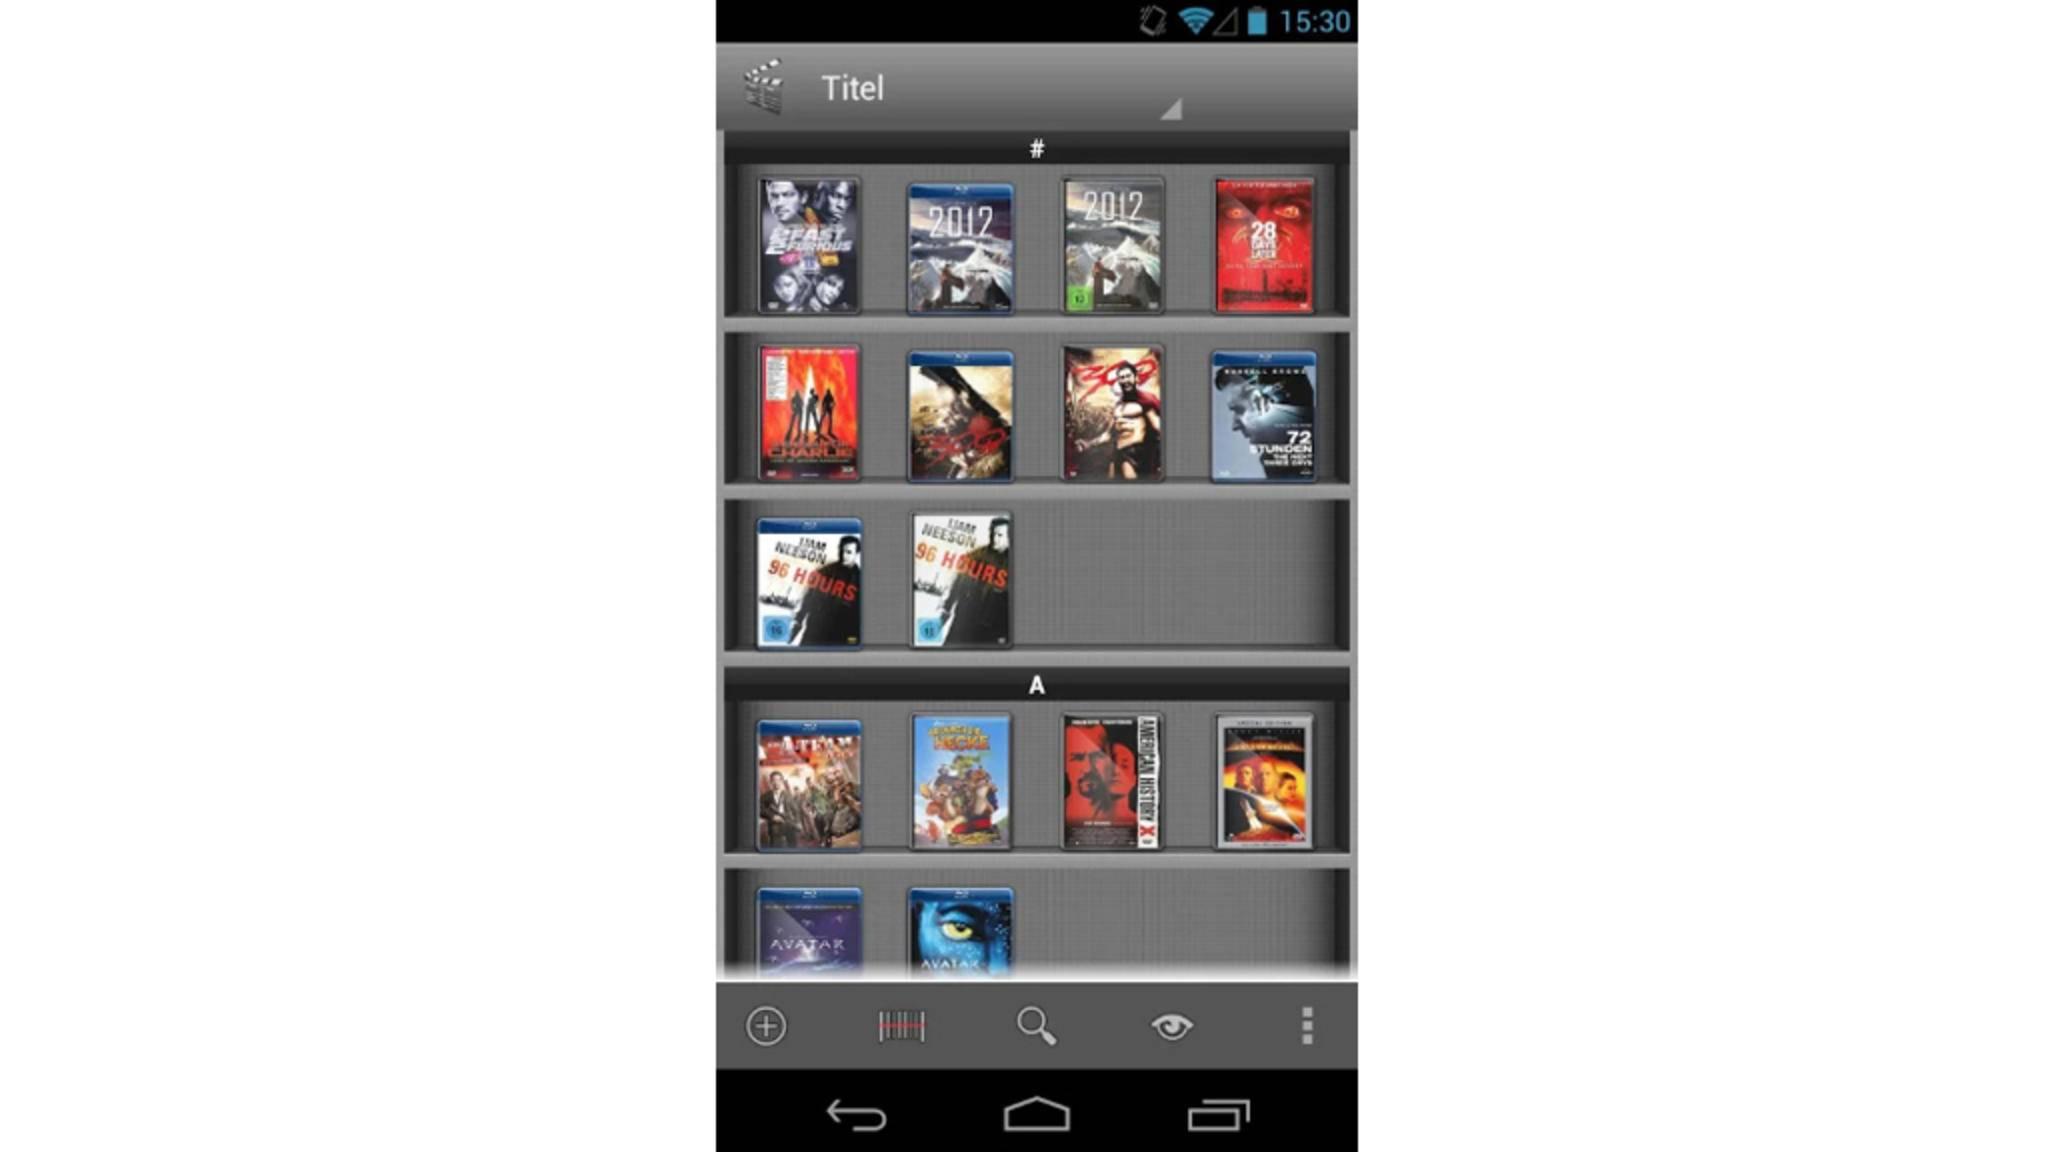 Deine Filme kannst Du abscannen und als digitale Bibliothek anzeigen lassen.